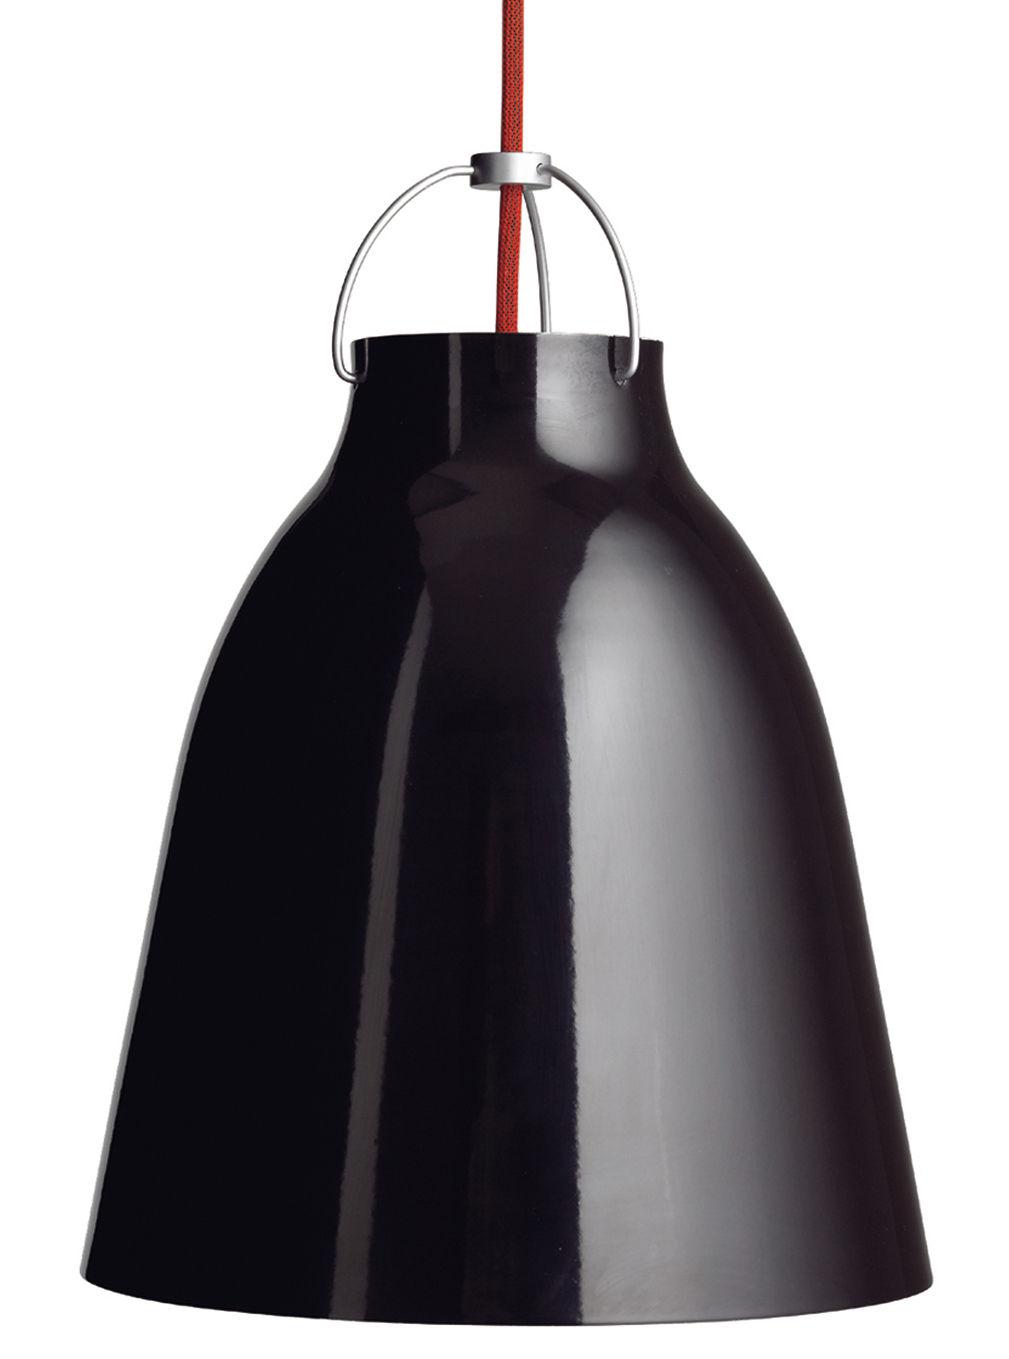 Luminaire - Suspensions - Suspension Caravaggio Small / Ø 16,5 cm - Lightyears - Noir brillant / Câble rouge - Aluminium laqué